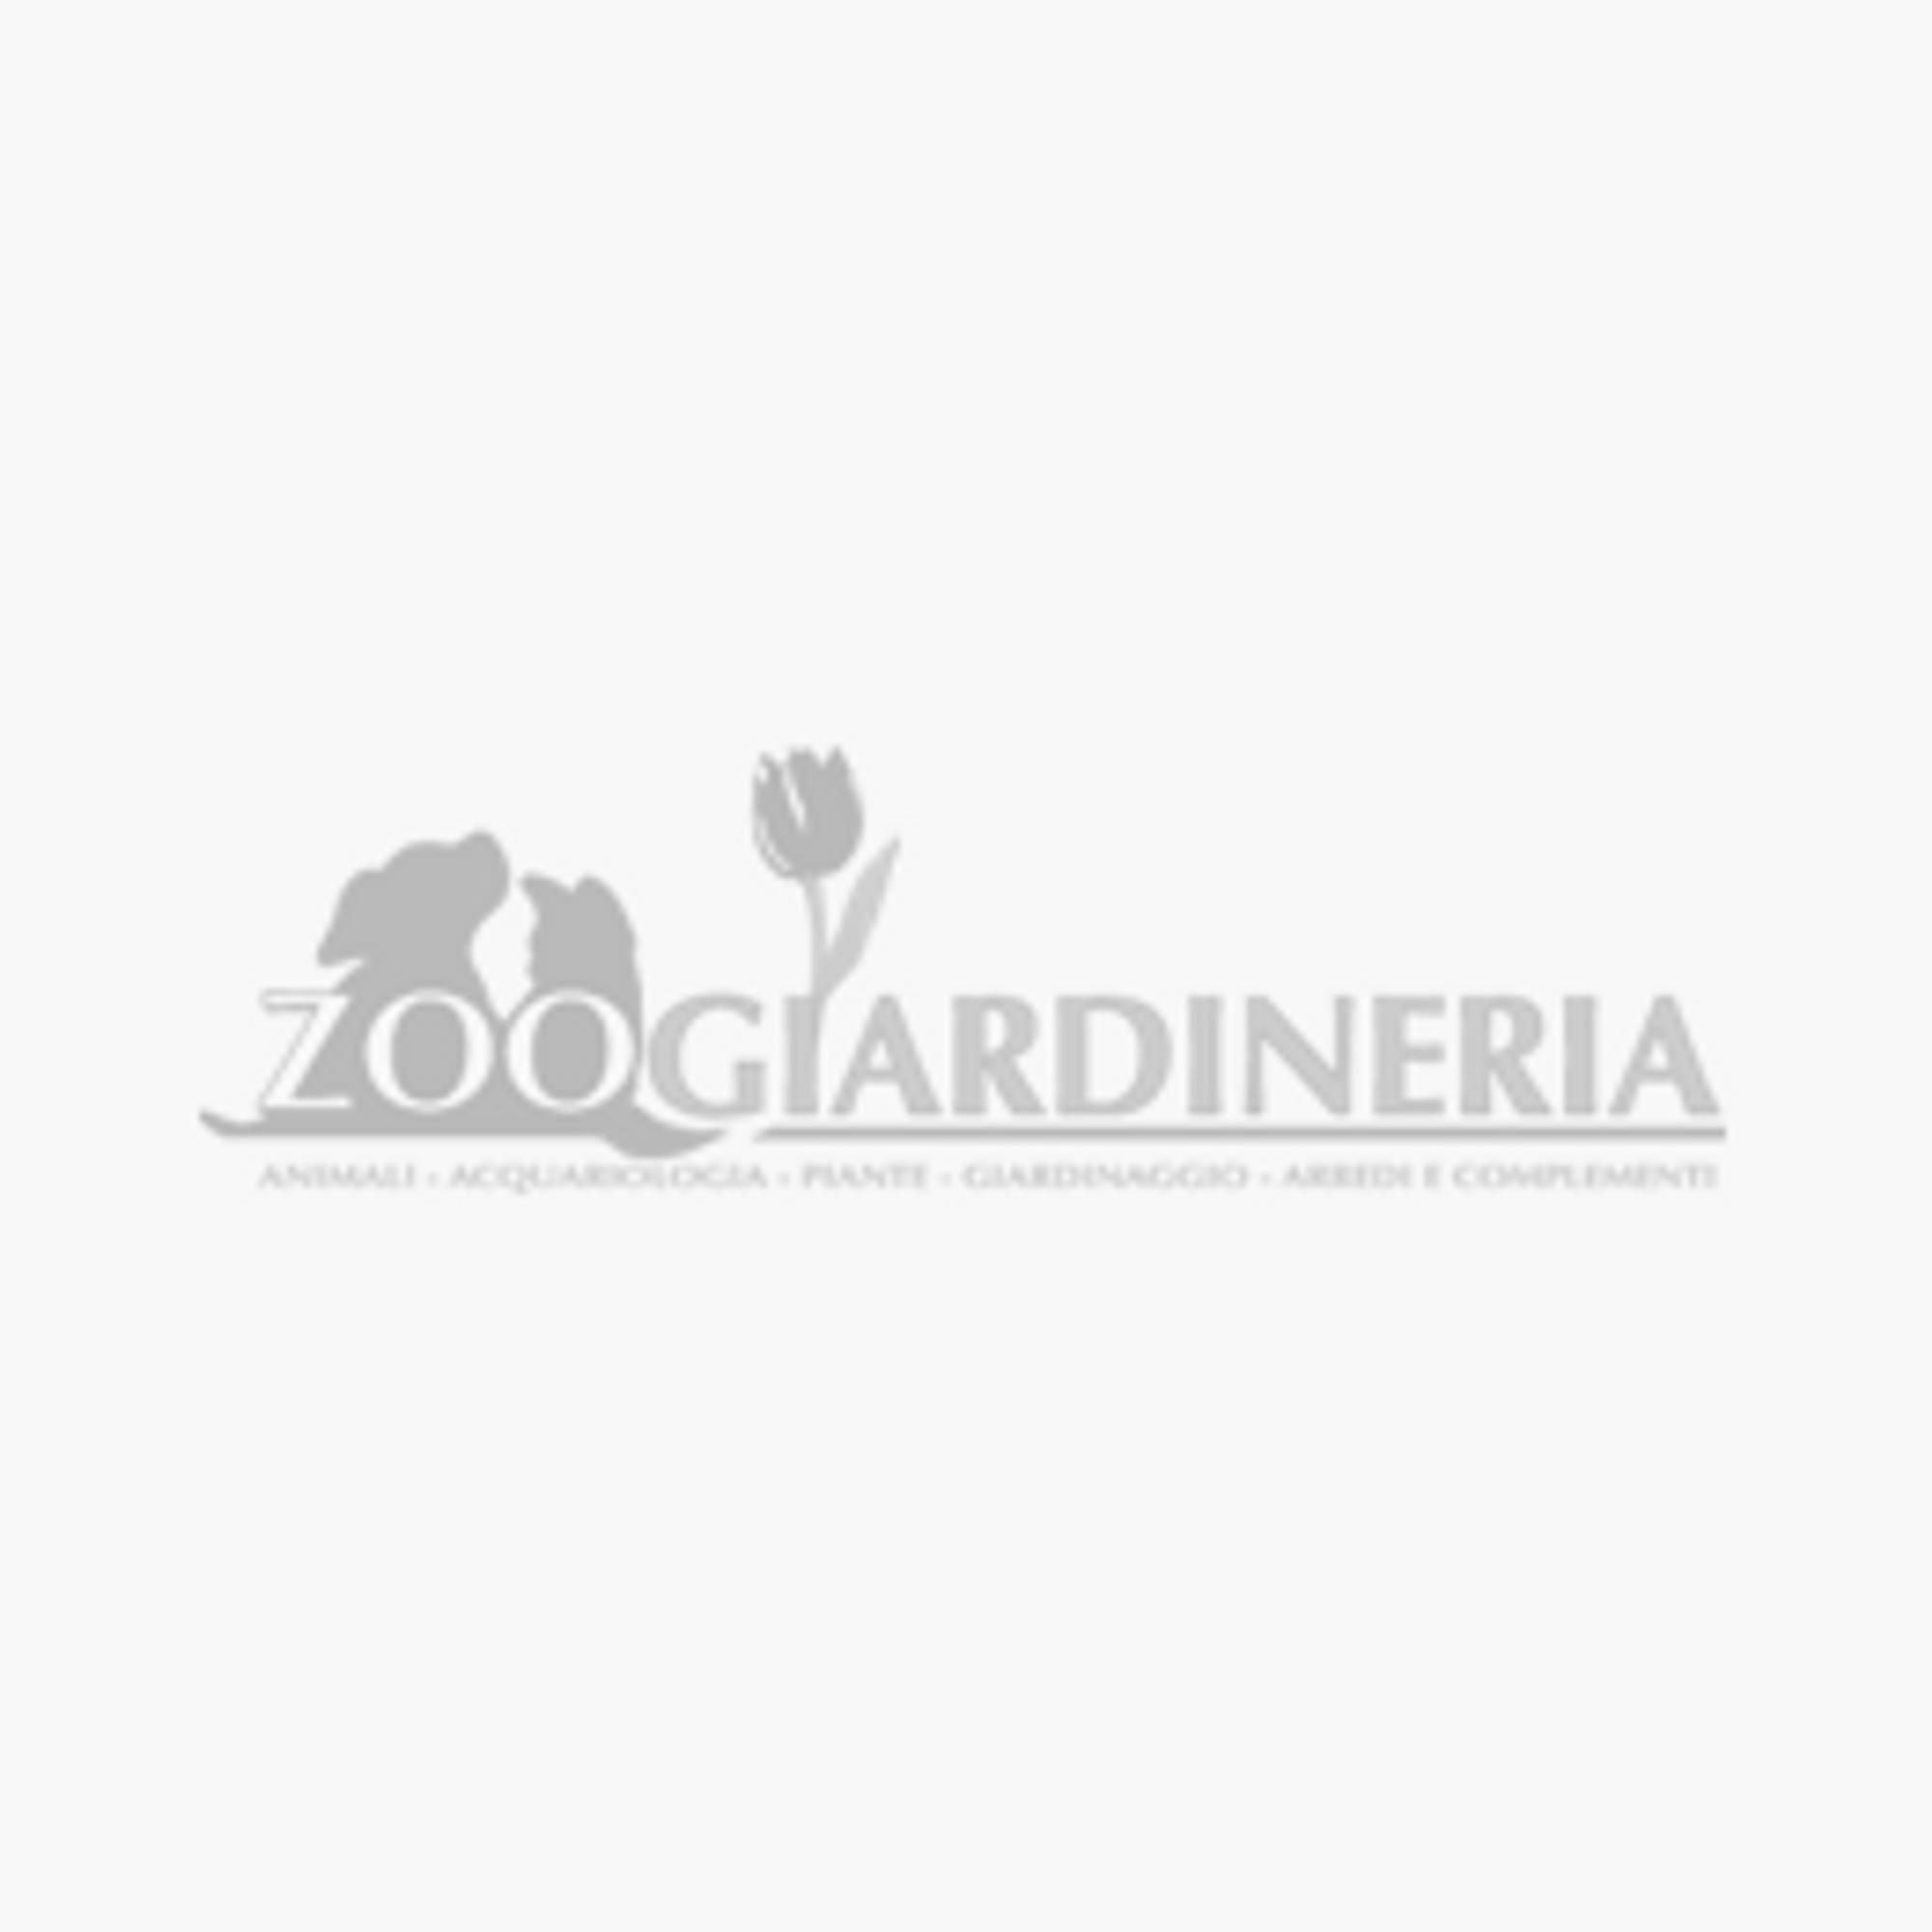 Stocker Blumat Irrigatore Automatico